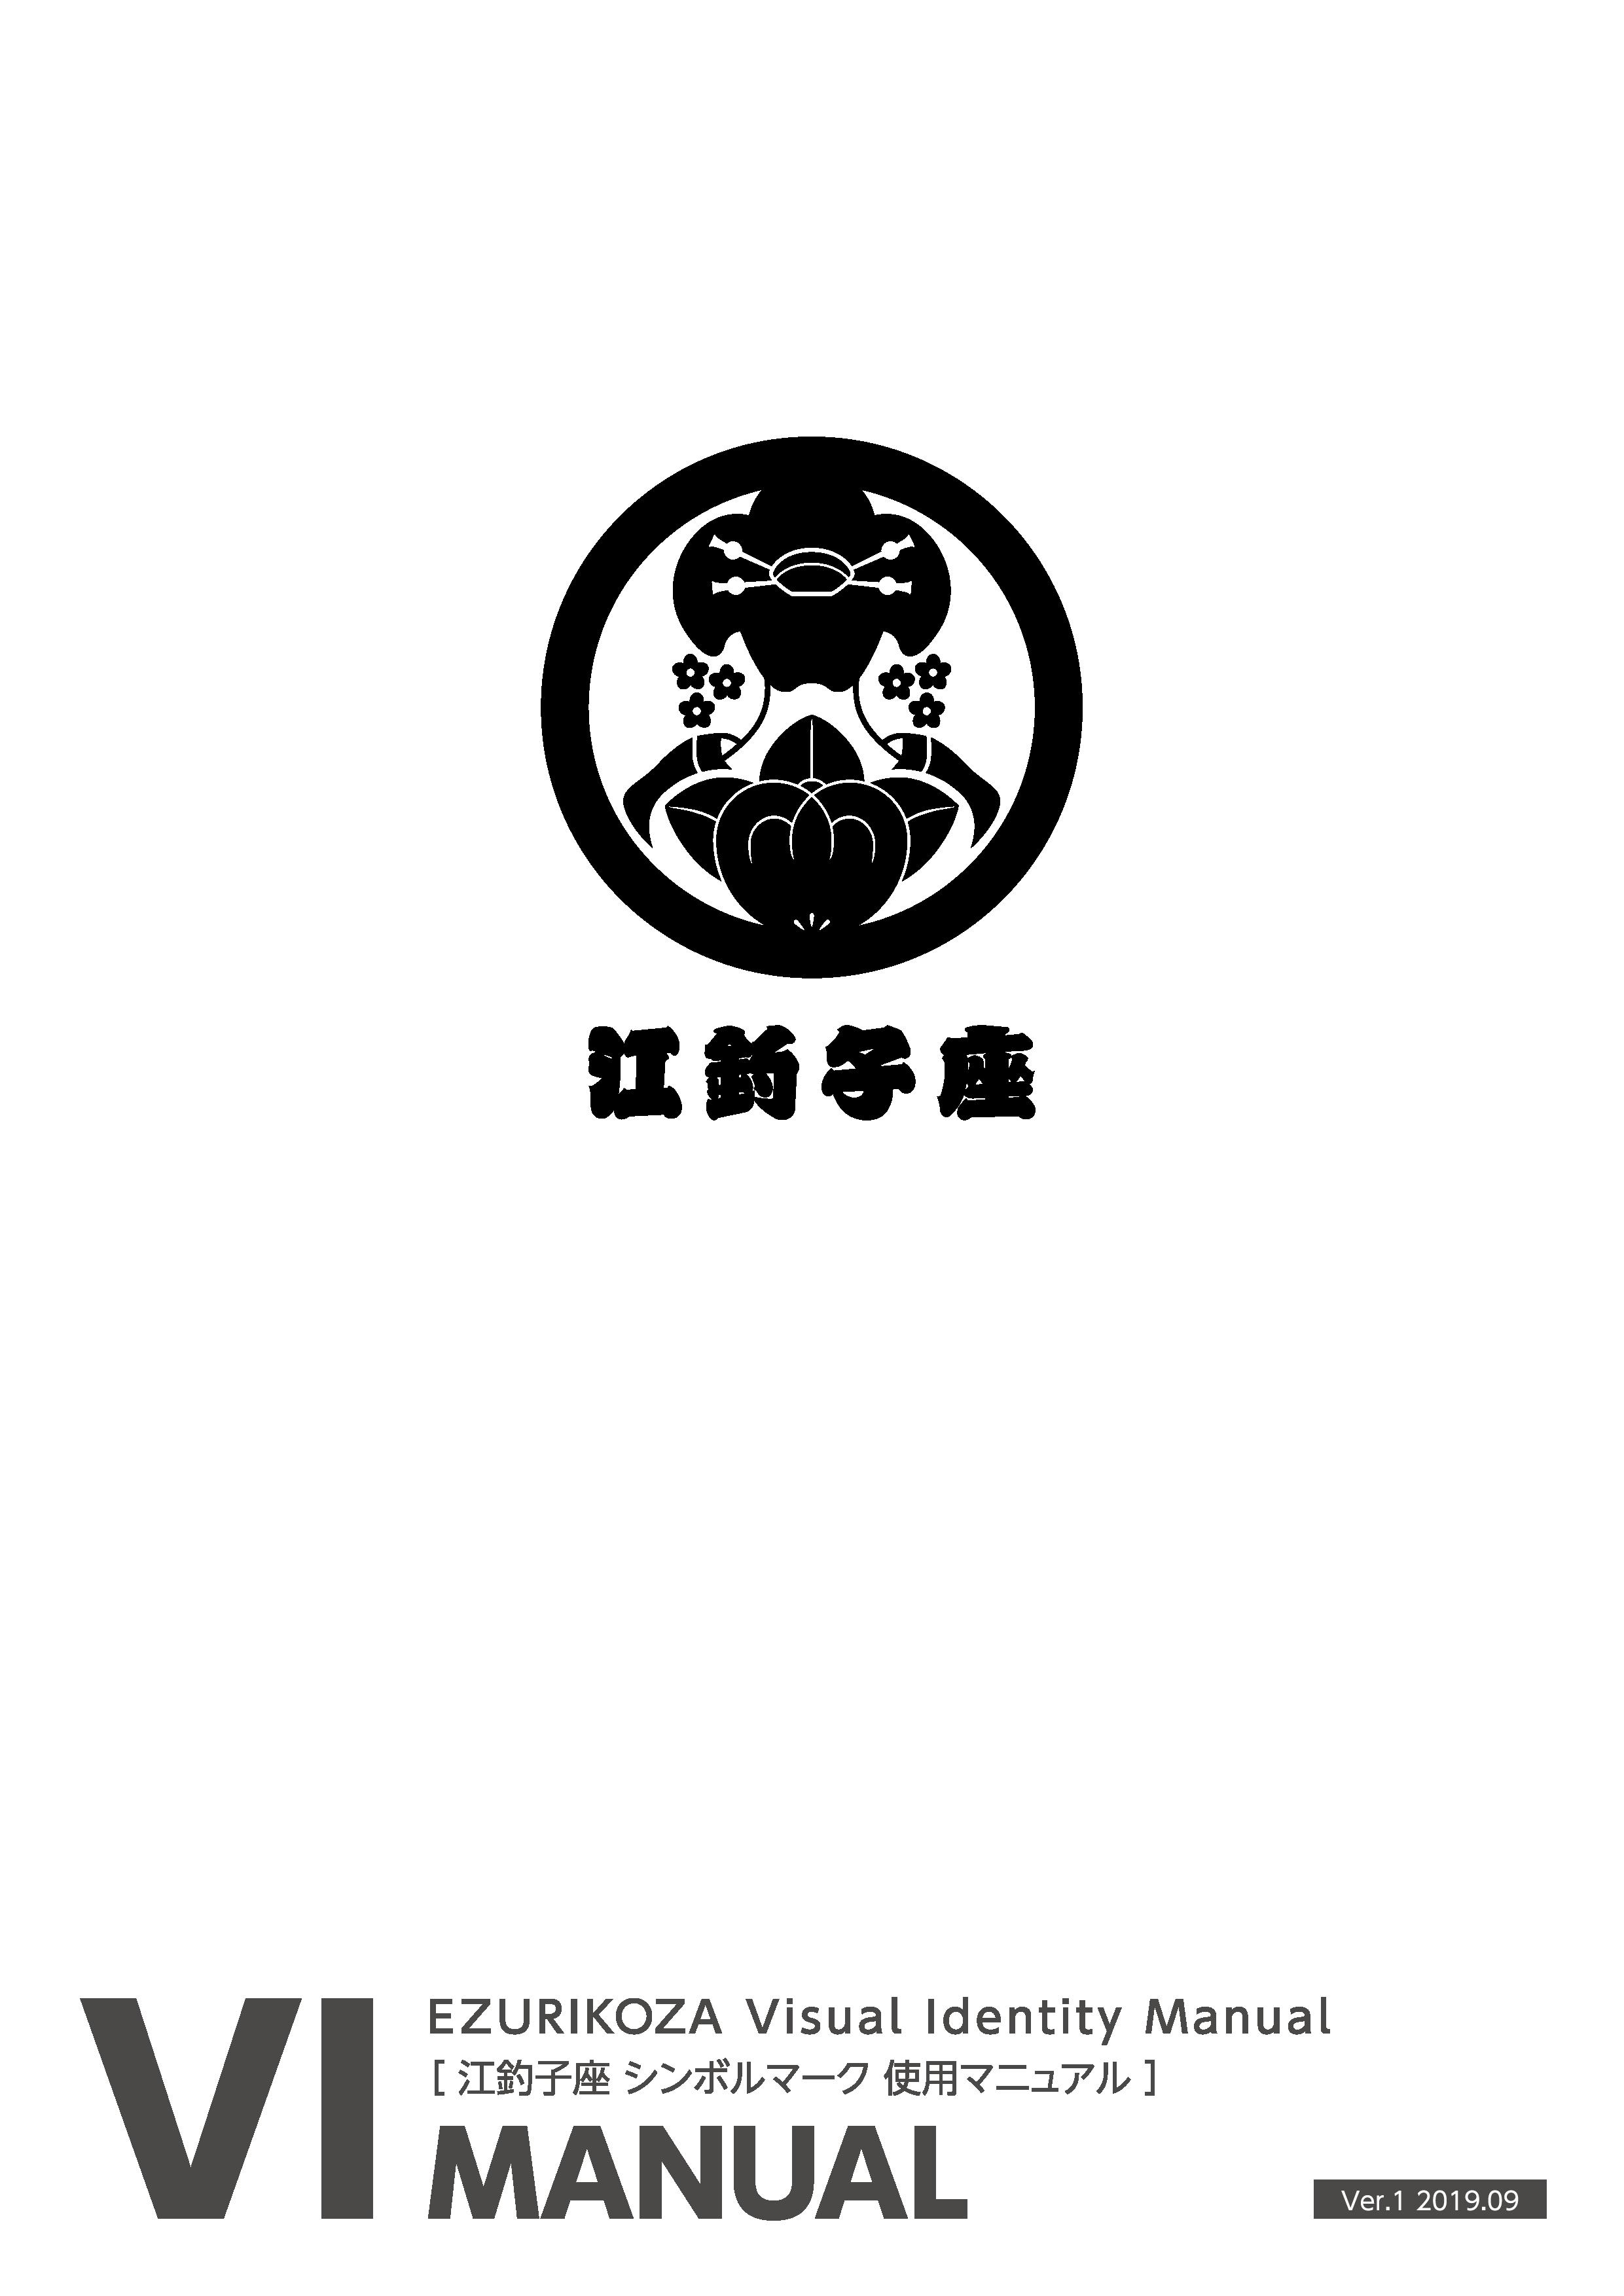 大衆演劇 江釣子座 シンボルマークデザイン02